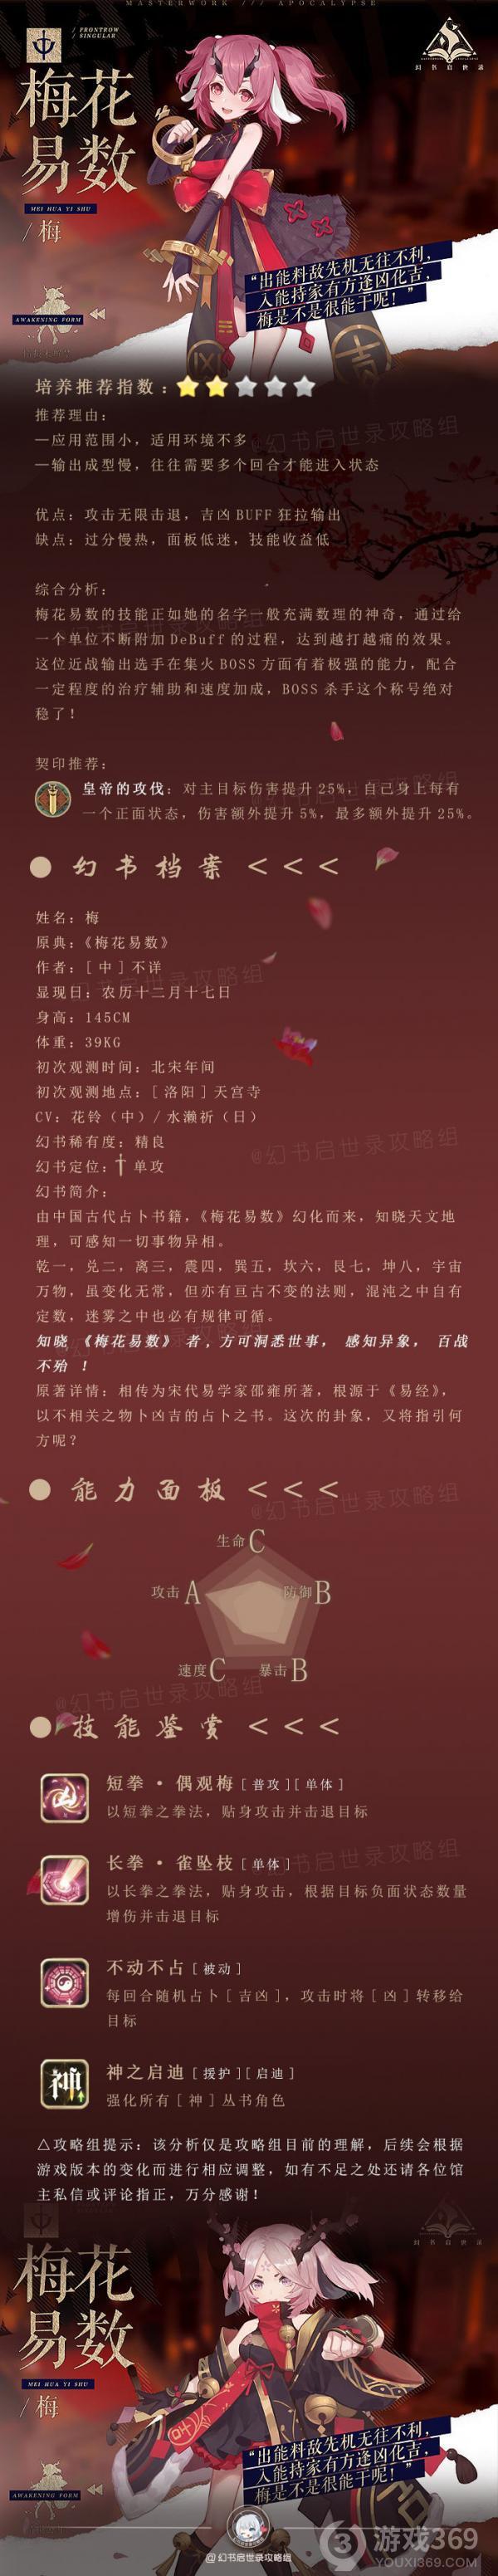 幻书启世录梅幻书档案